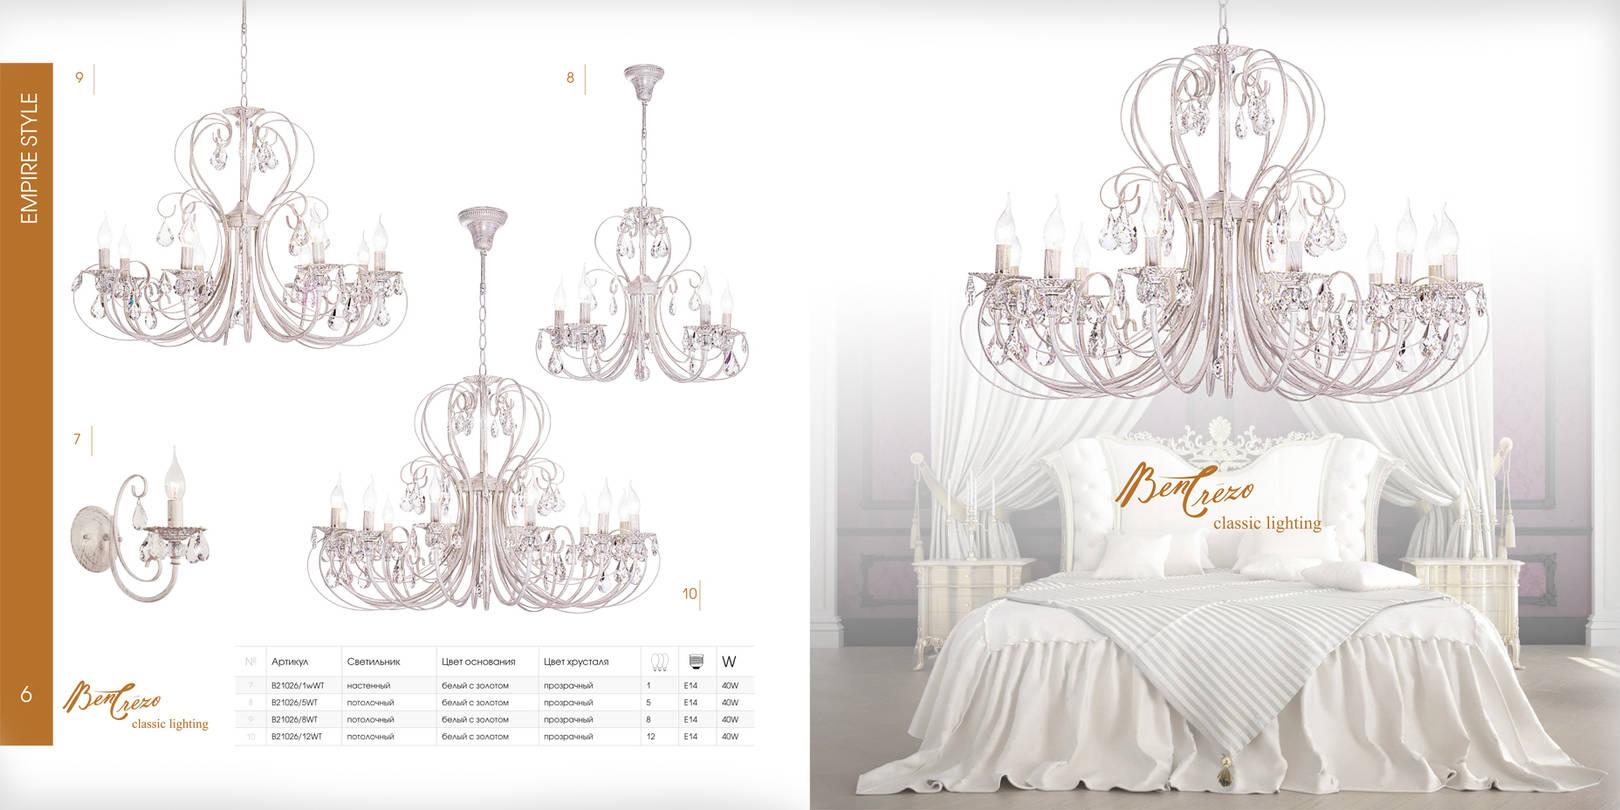 Дизайн верстка каталога хрустальных люстр